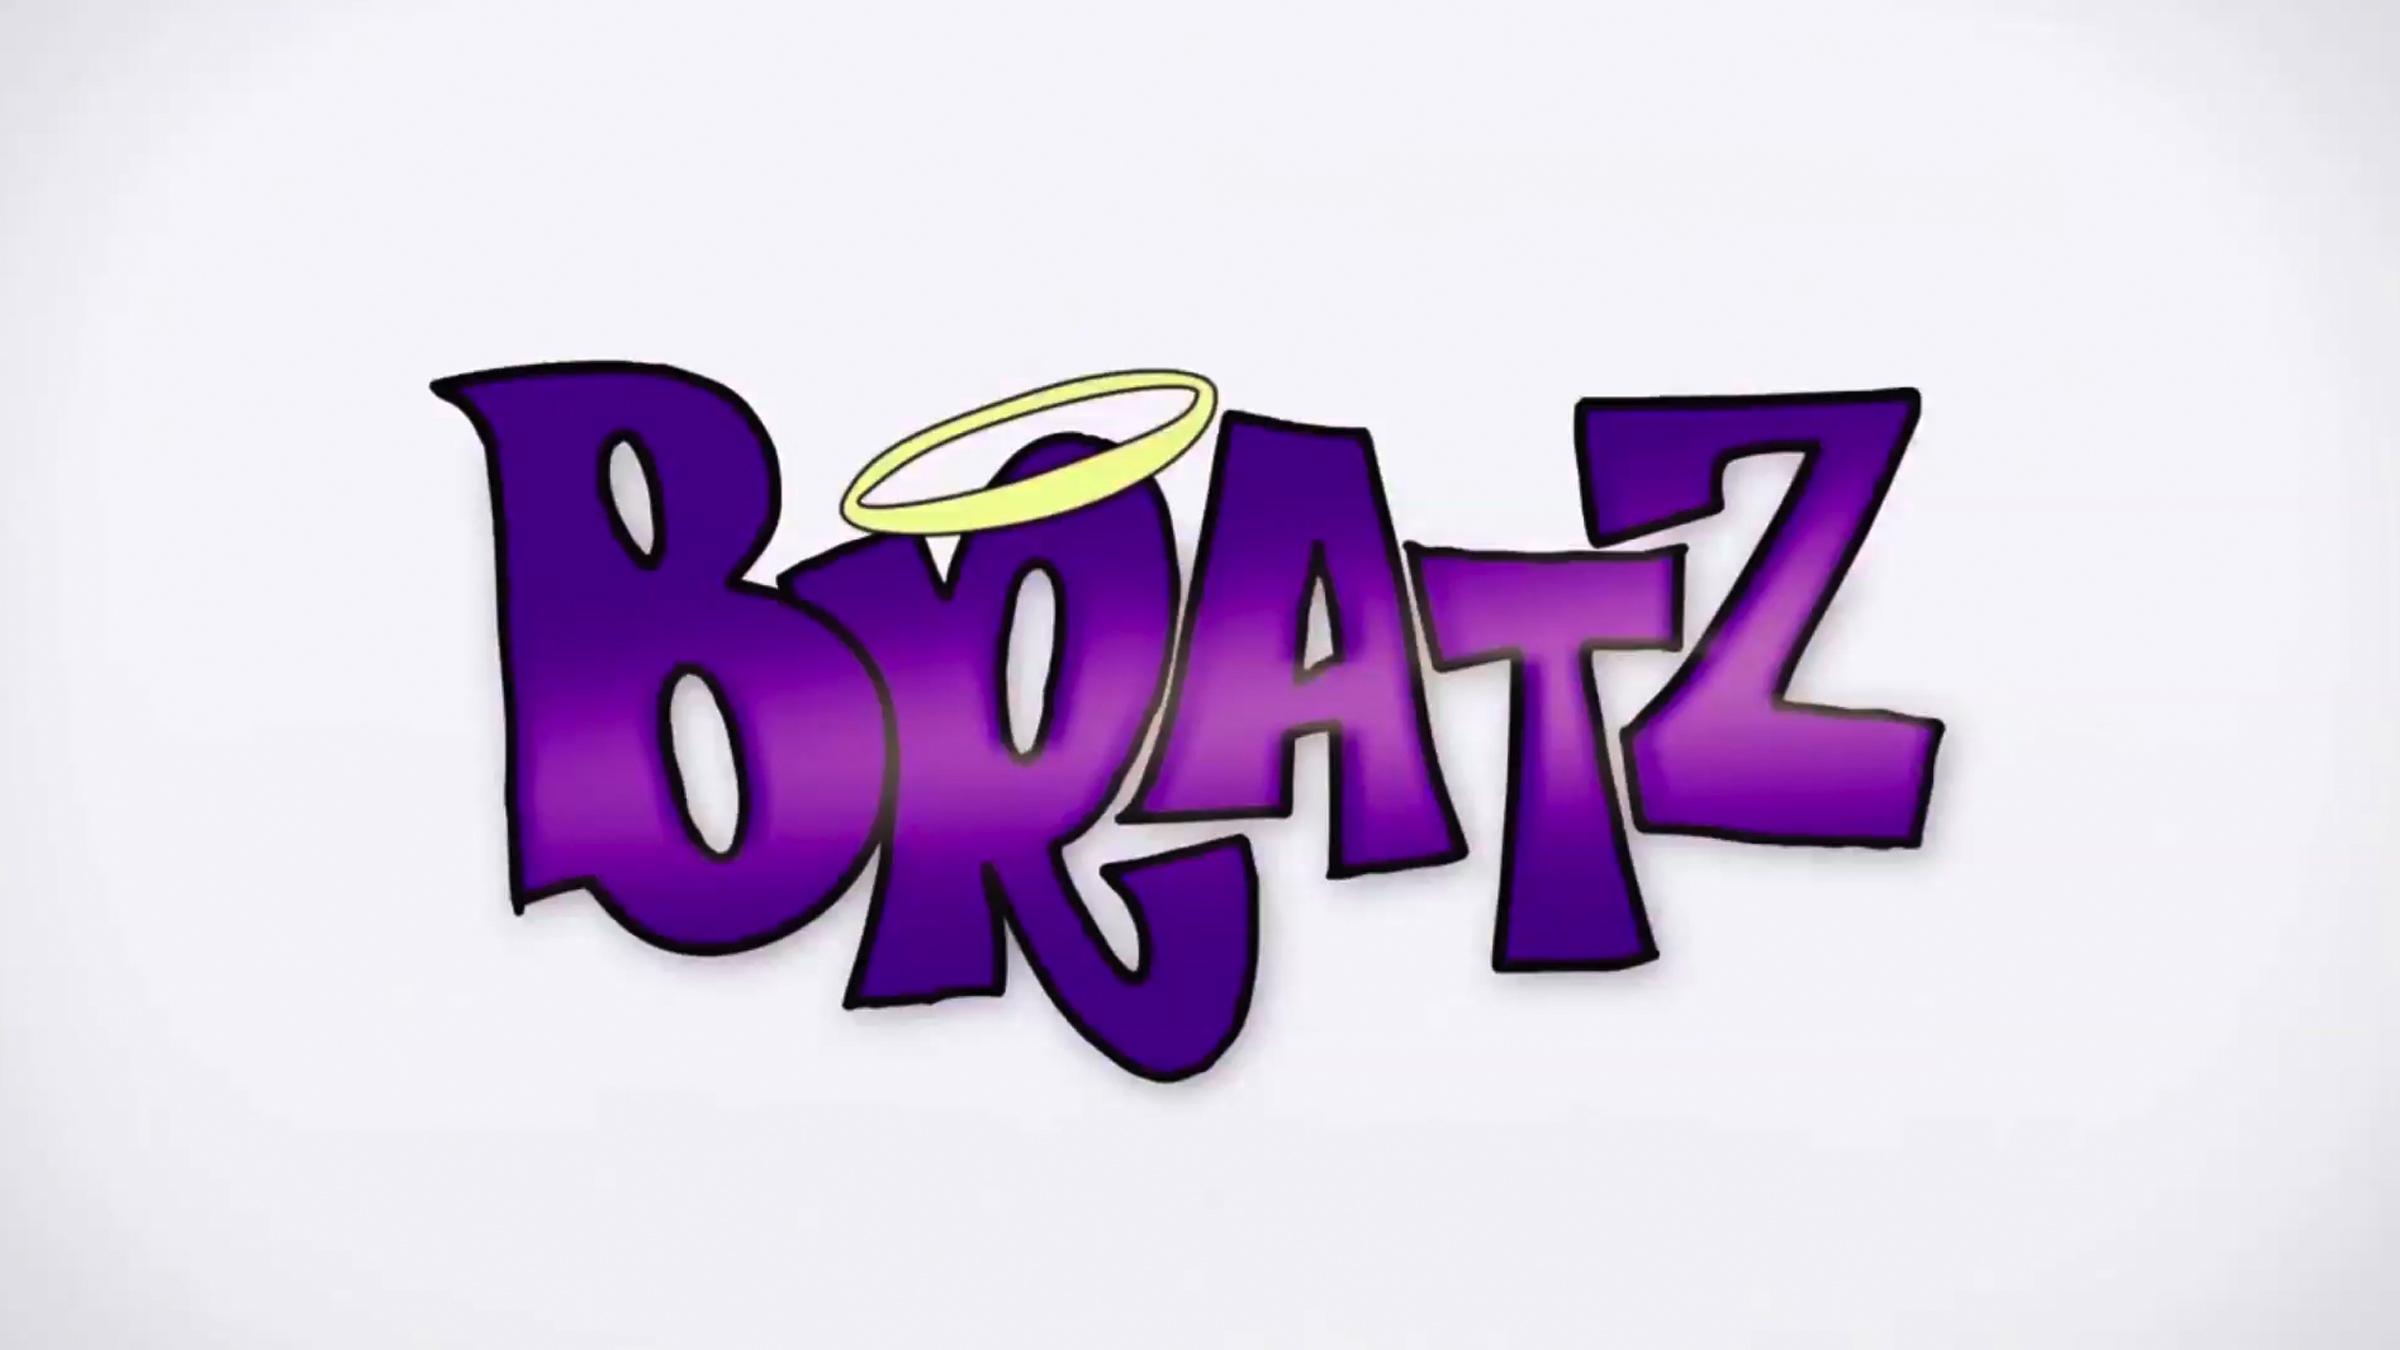 Title_Bratz.jpg